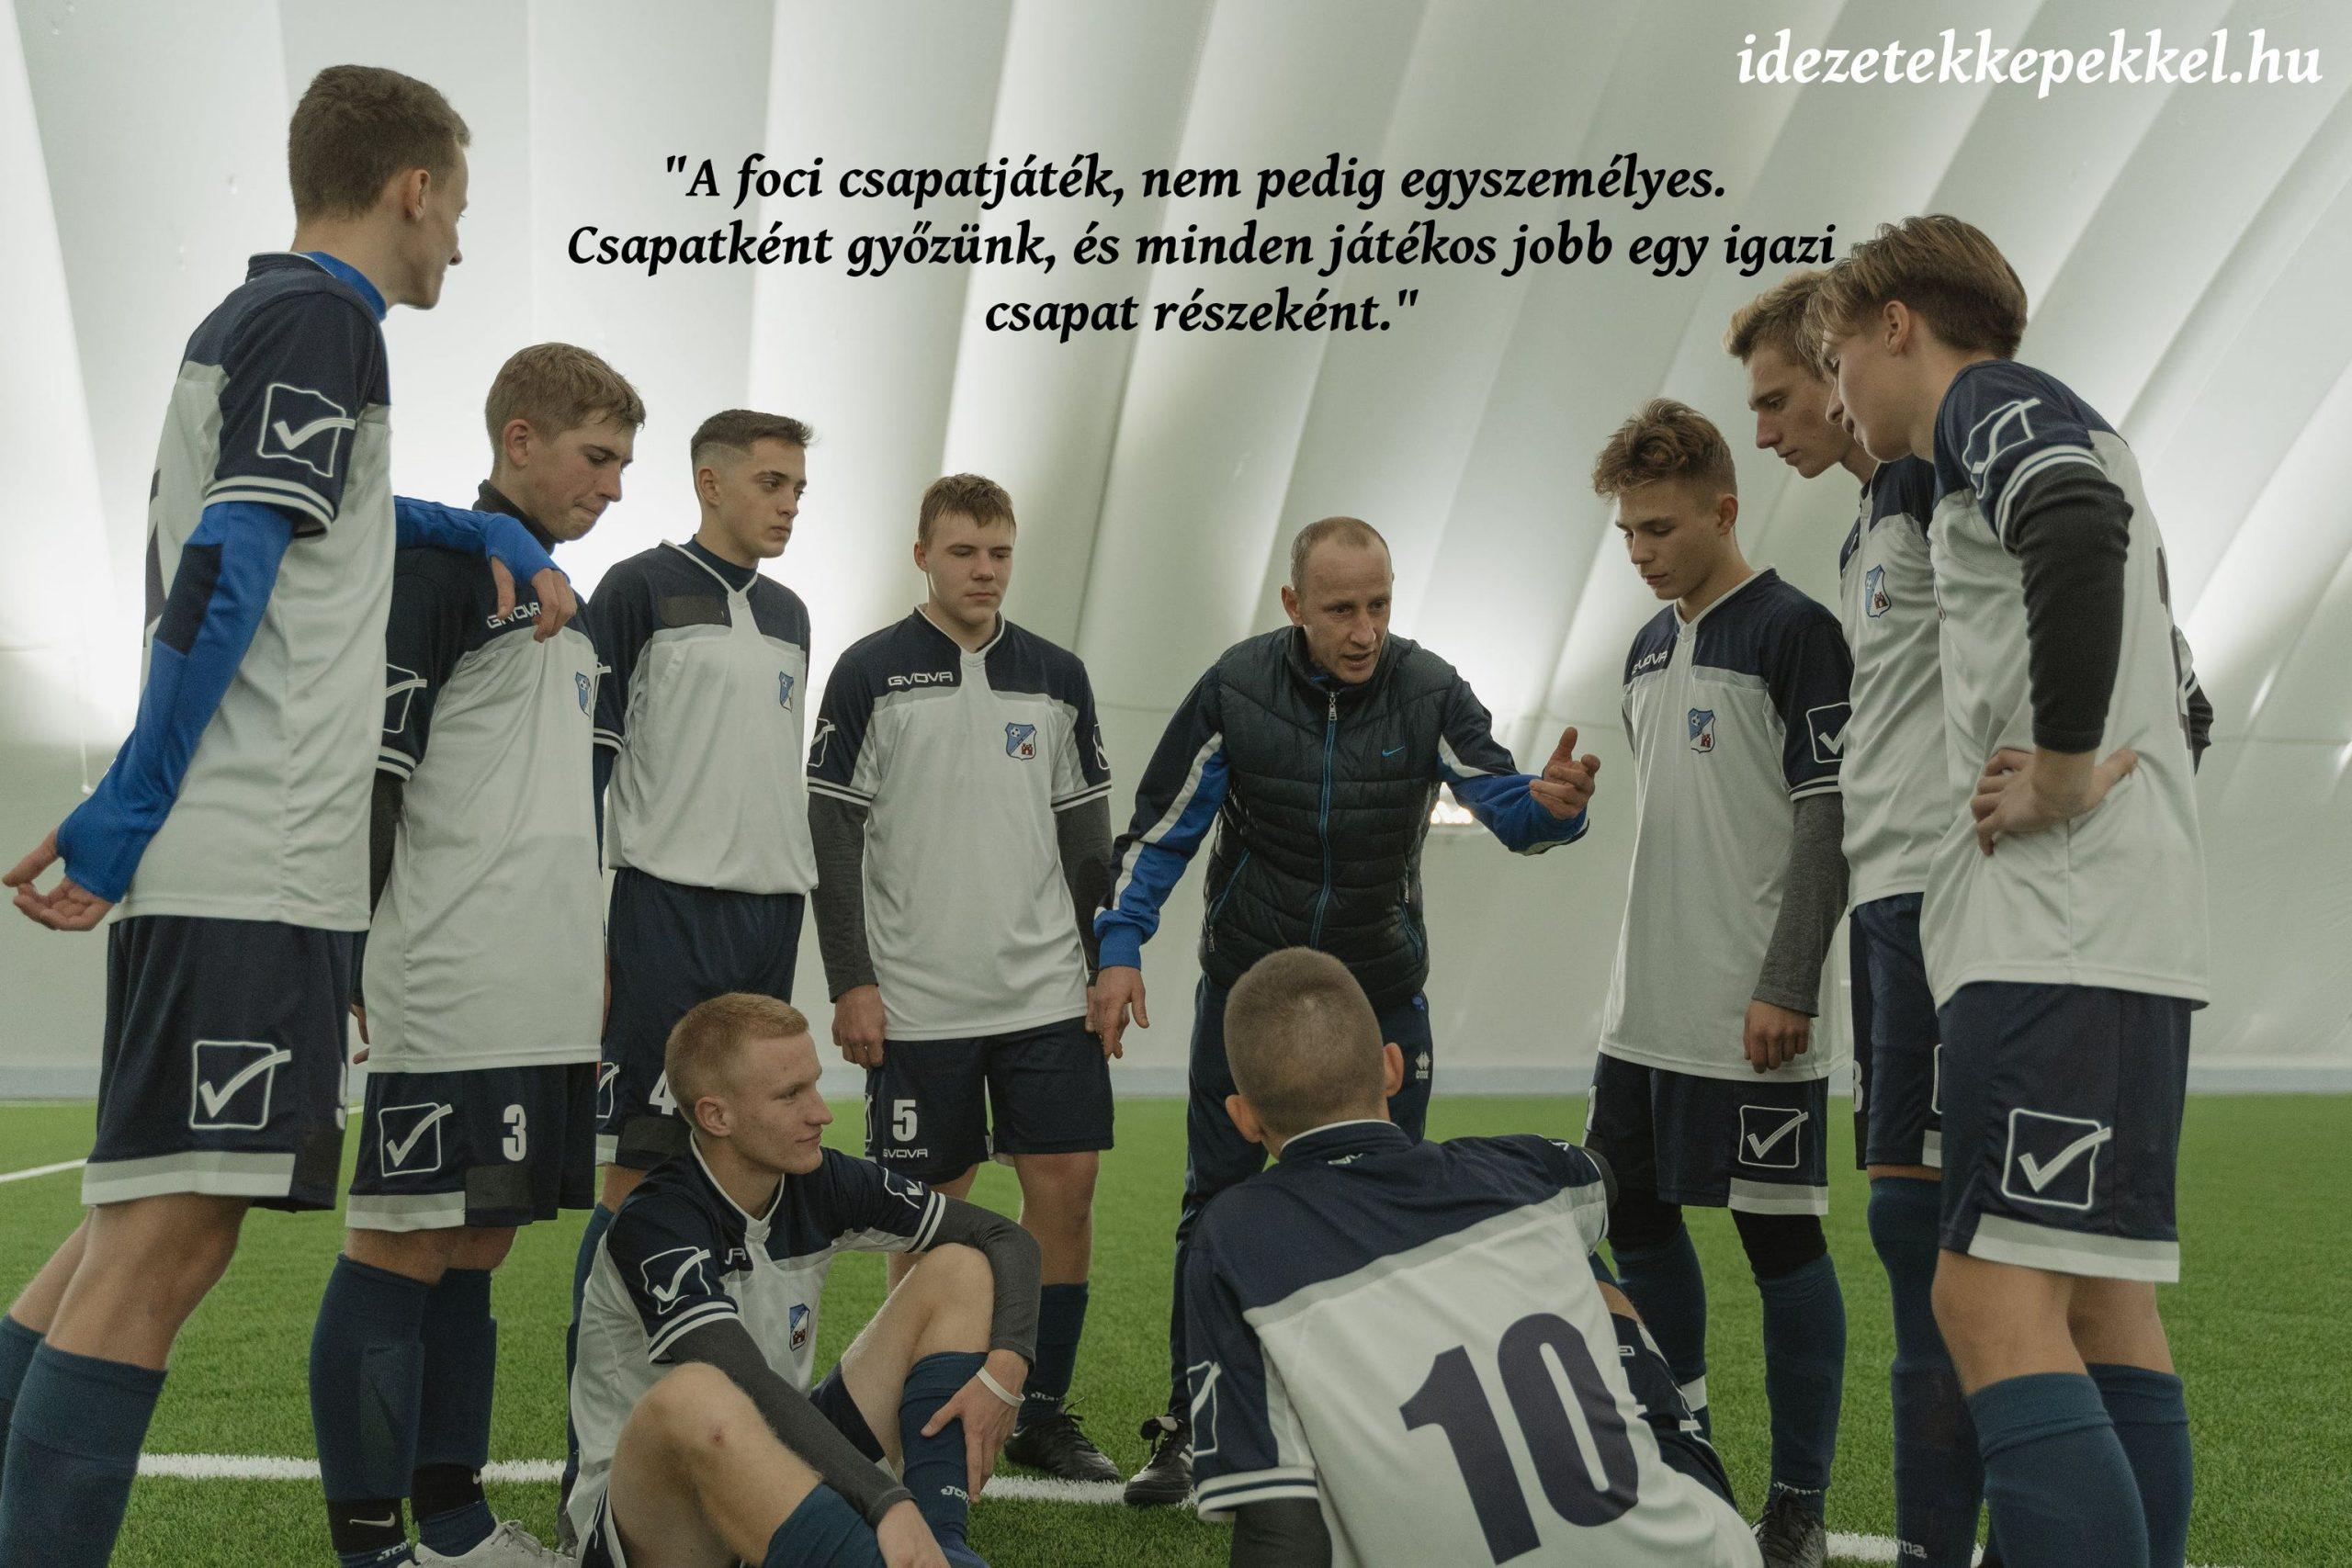 focis idézet, csapat